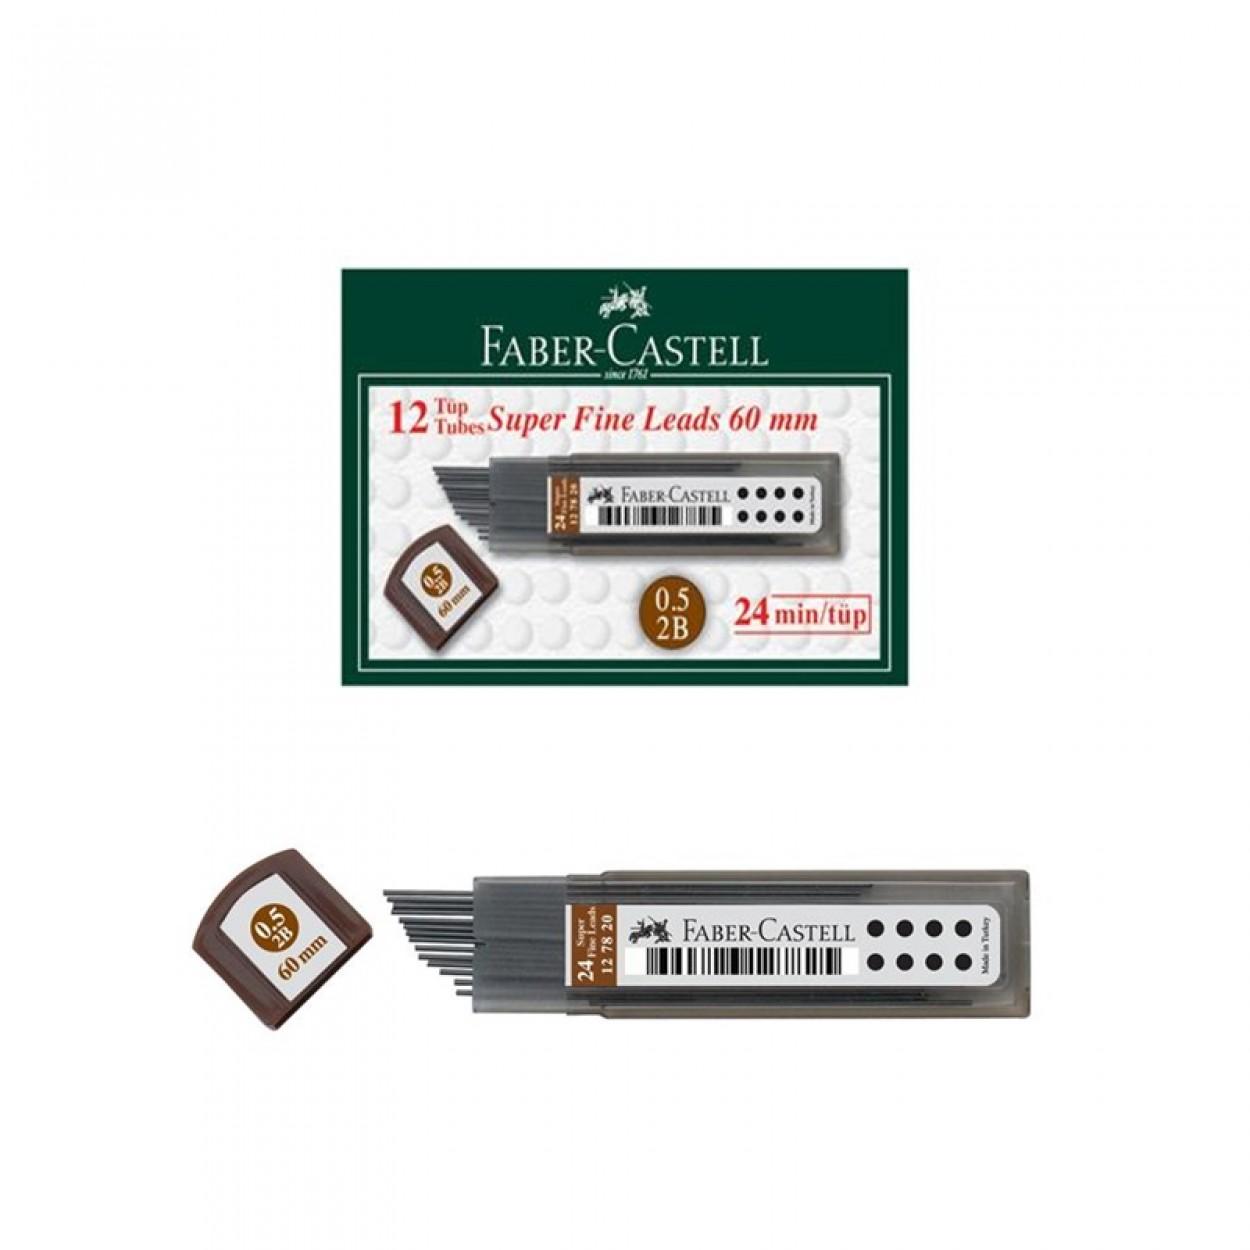 Faber-Castell Super Fine Lead 2B 60mm 0.5 Uç 12 Li Paket